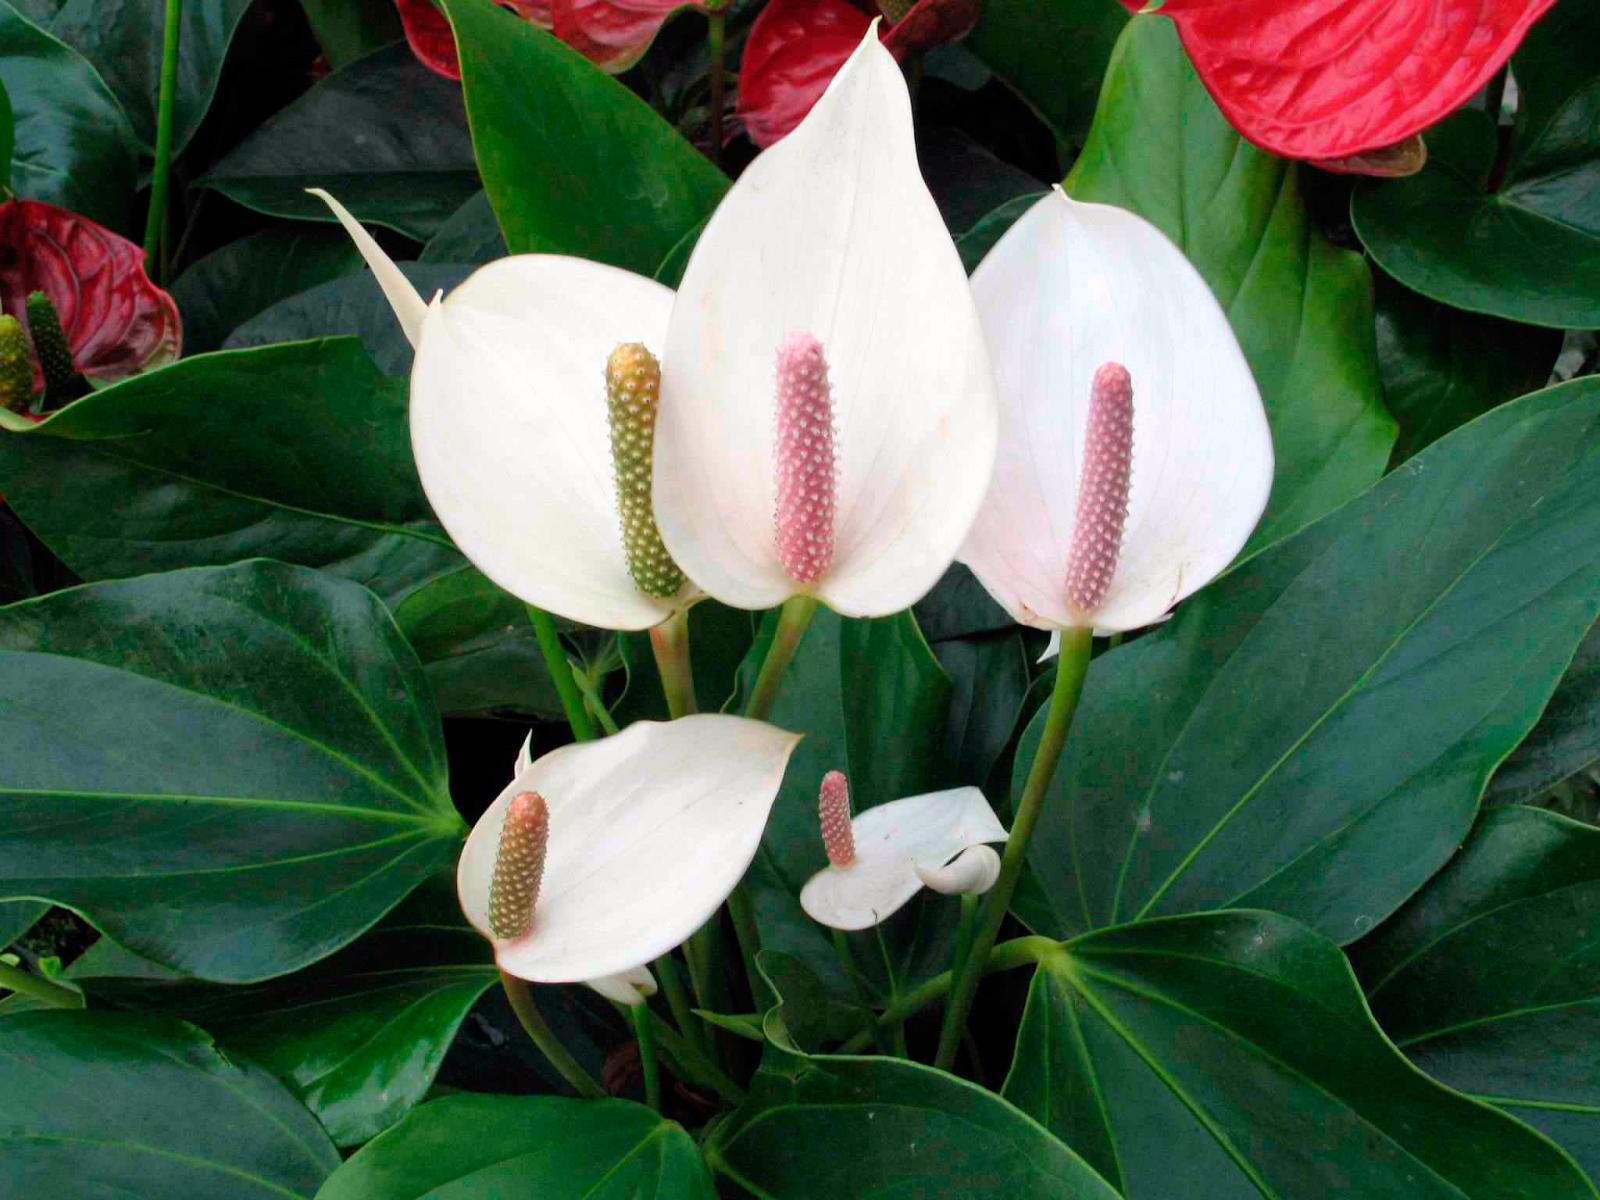 Спатифиллум: уход в домашних условиях, пересадка, размножение. Спатифиллум –цветок Женское счастье: приметы и суеверия